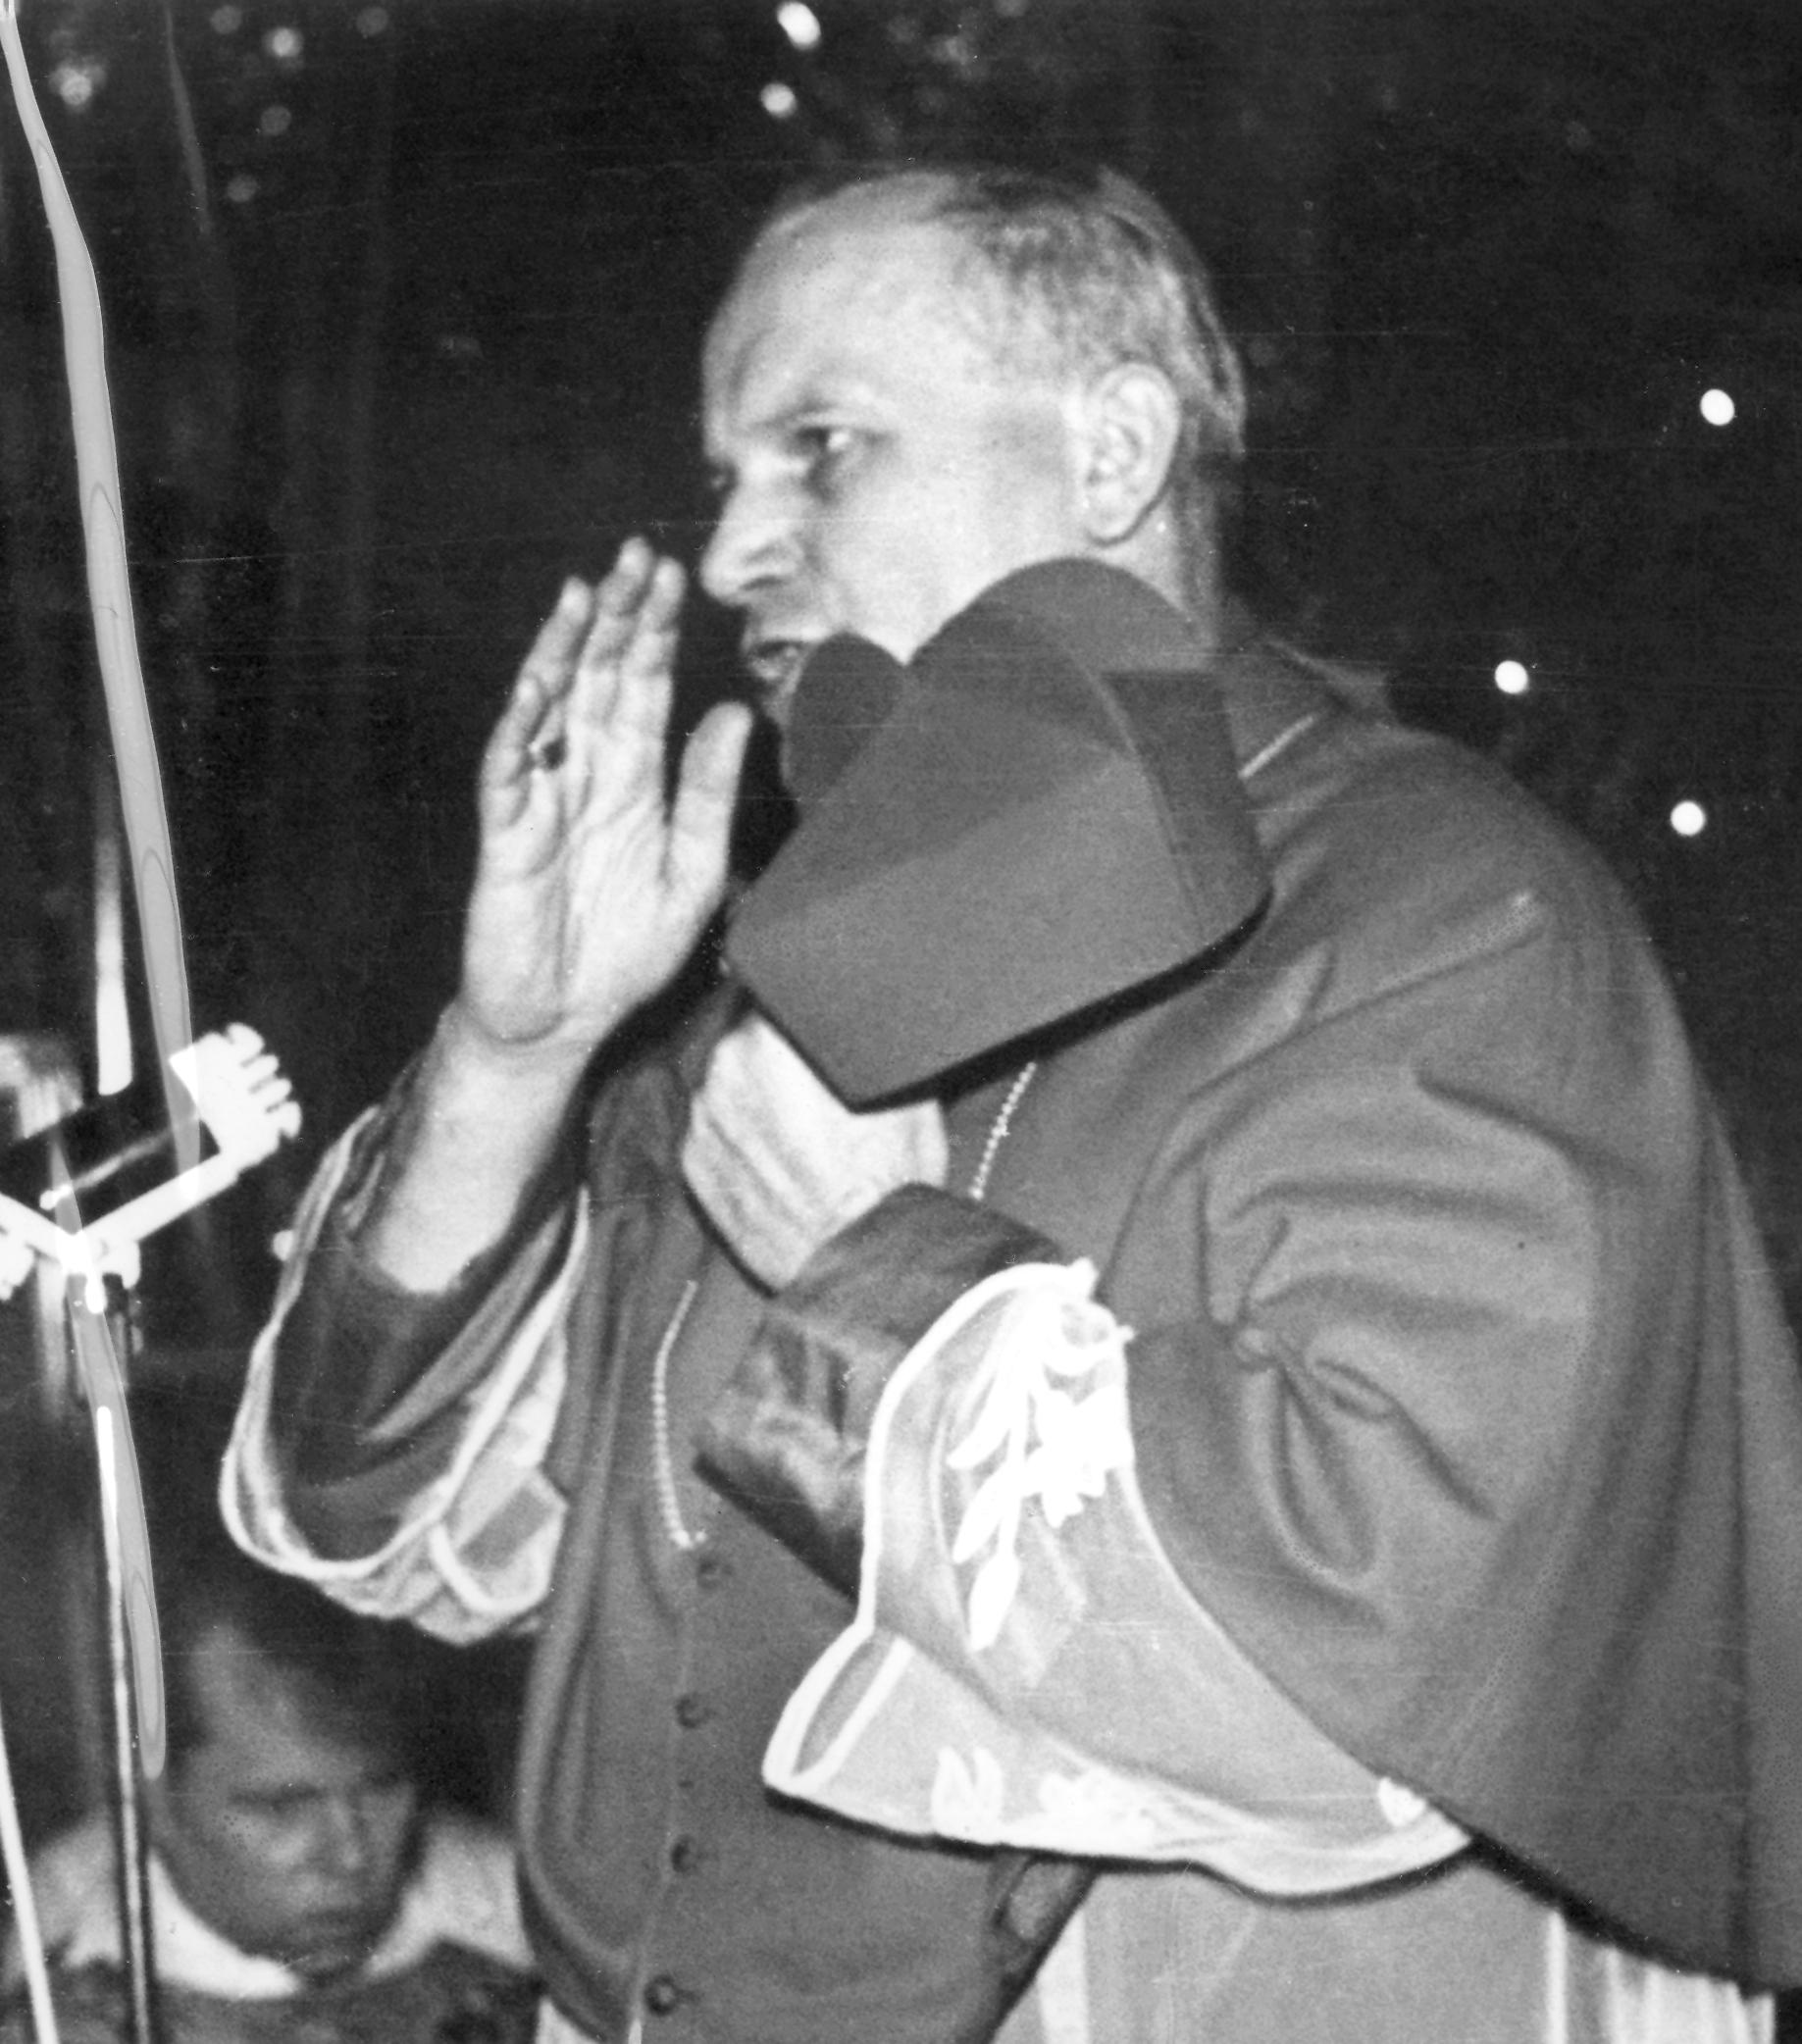 22 de octubre de 1978 Empieza el pontificado de Karol Wojtyła bajo el nombre de Juan Pablo II